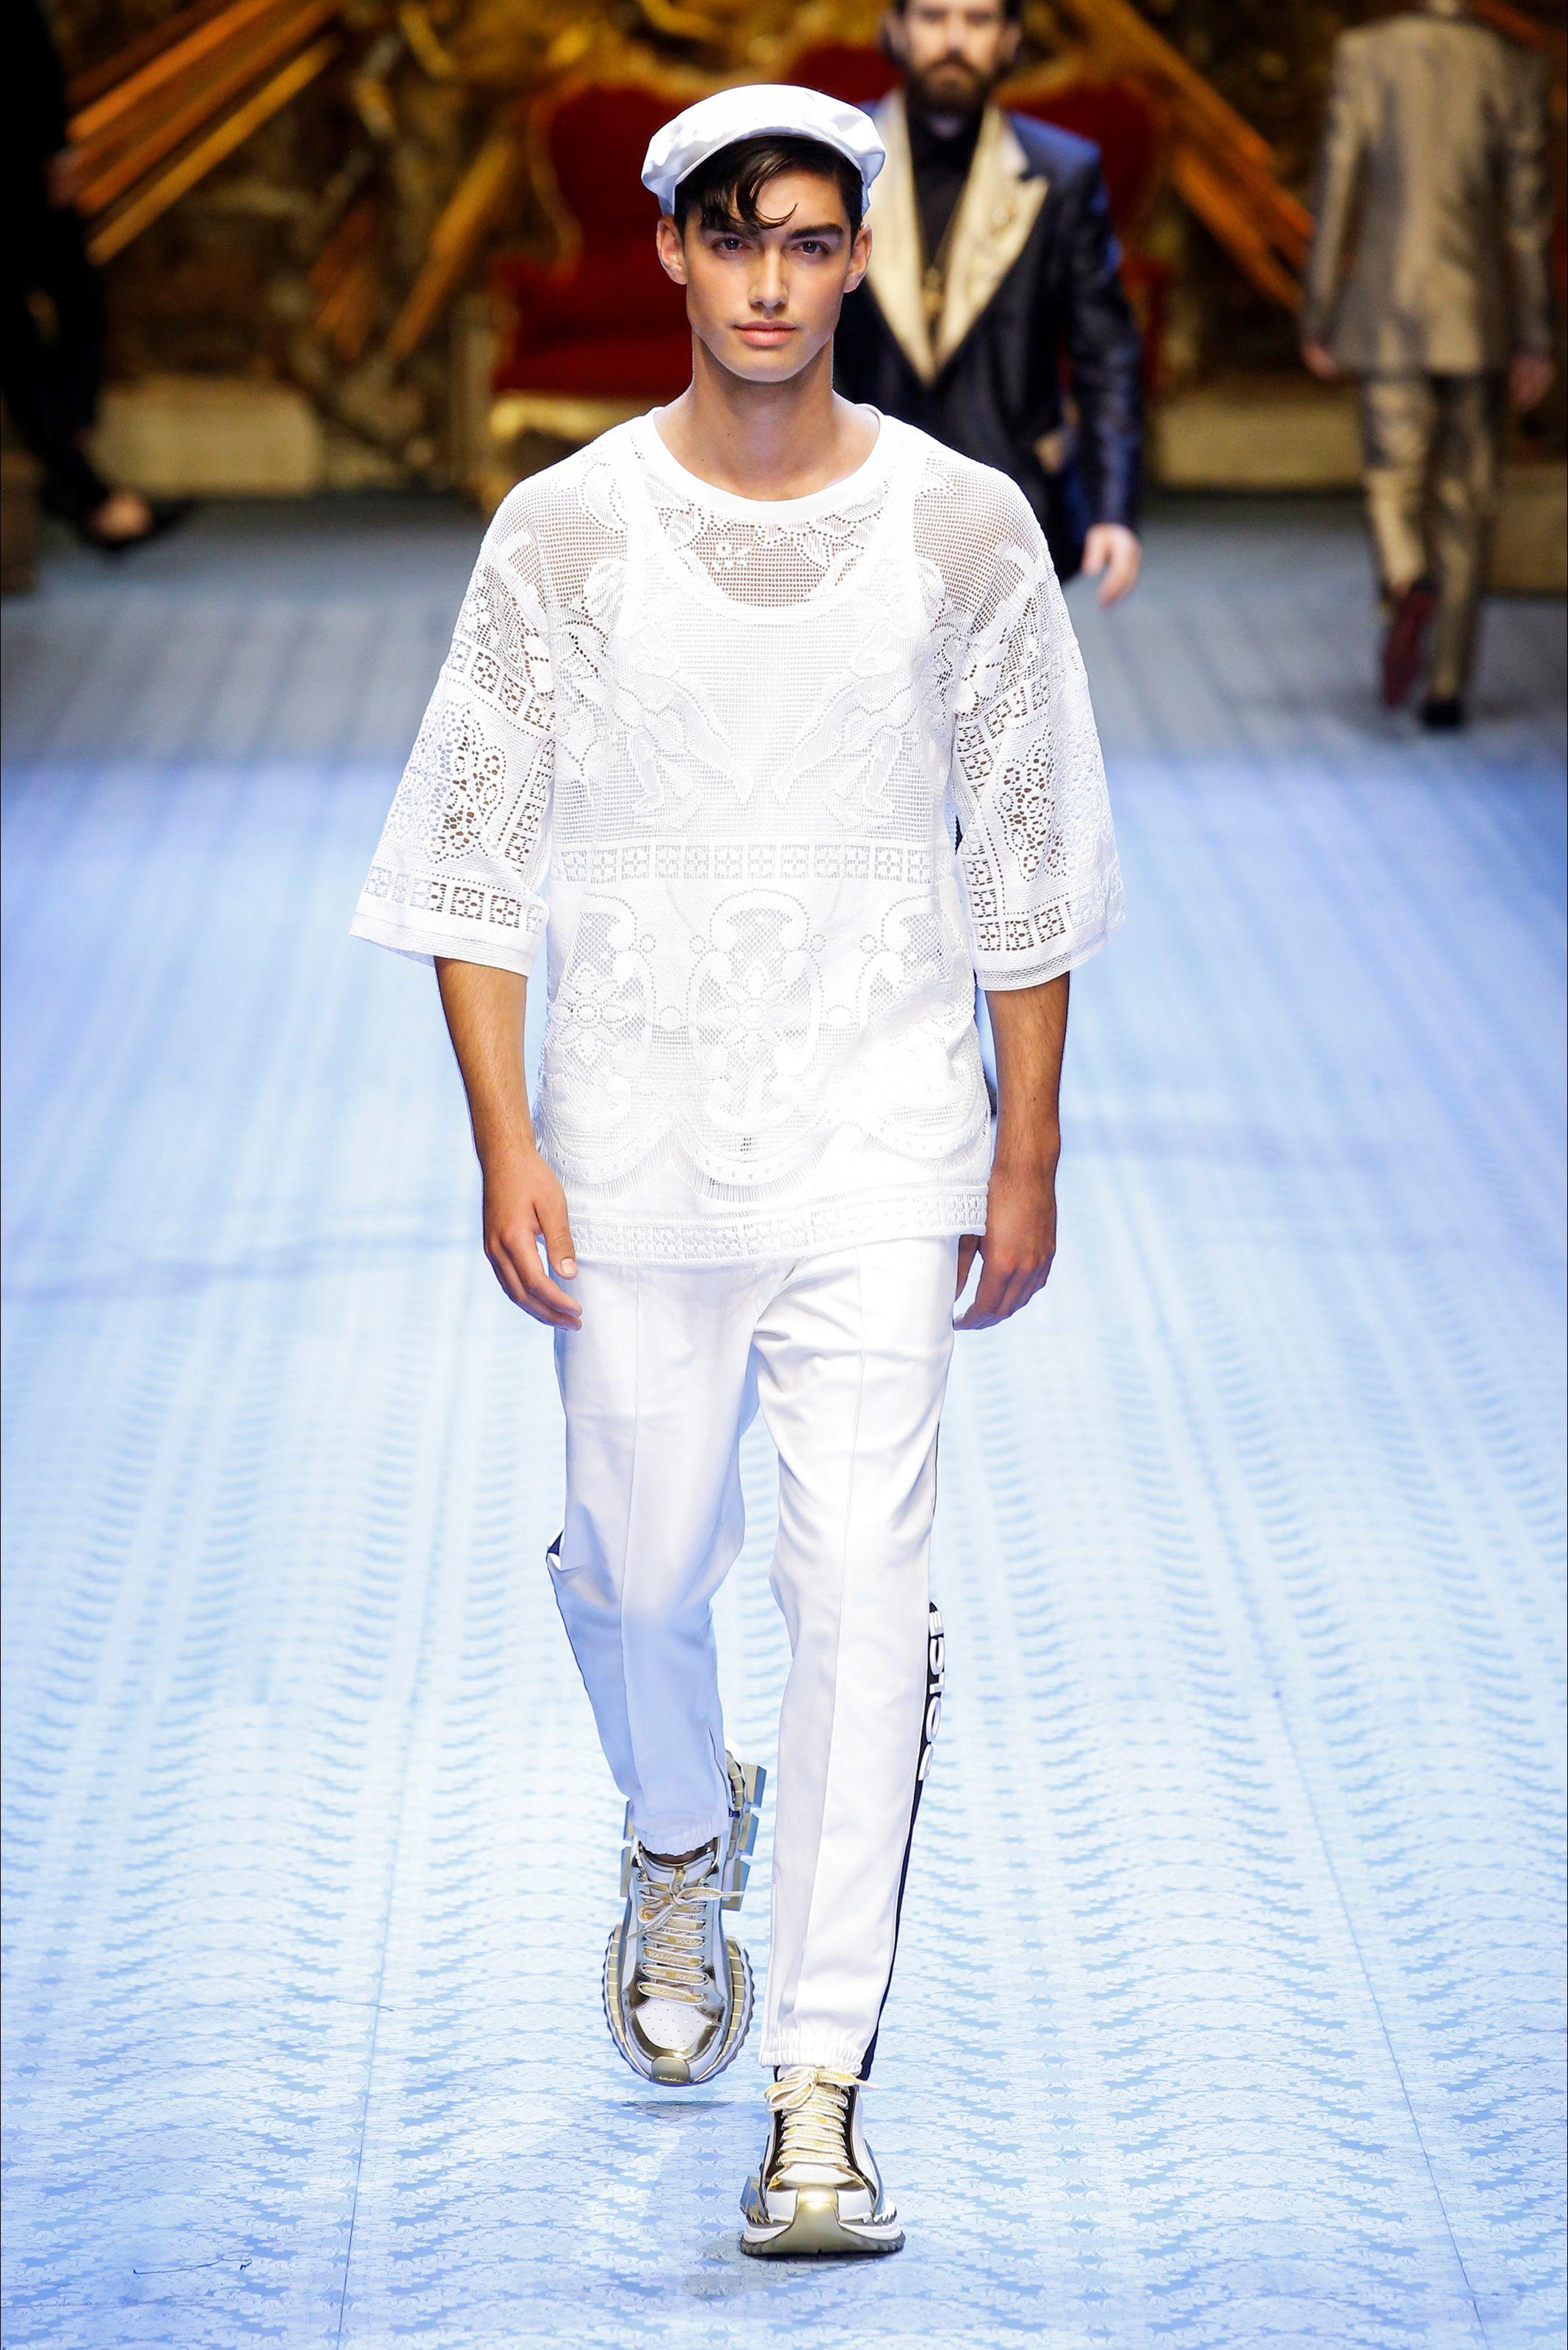 Sfilata Moda Uomo Dolce & Gabbana Milano Primavera Estate